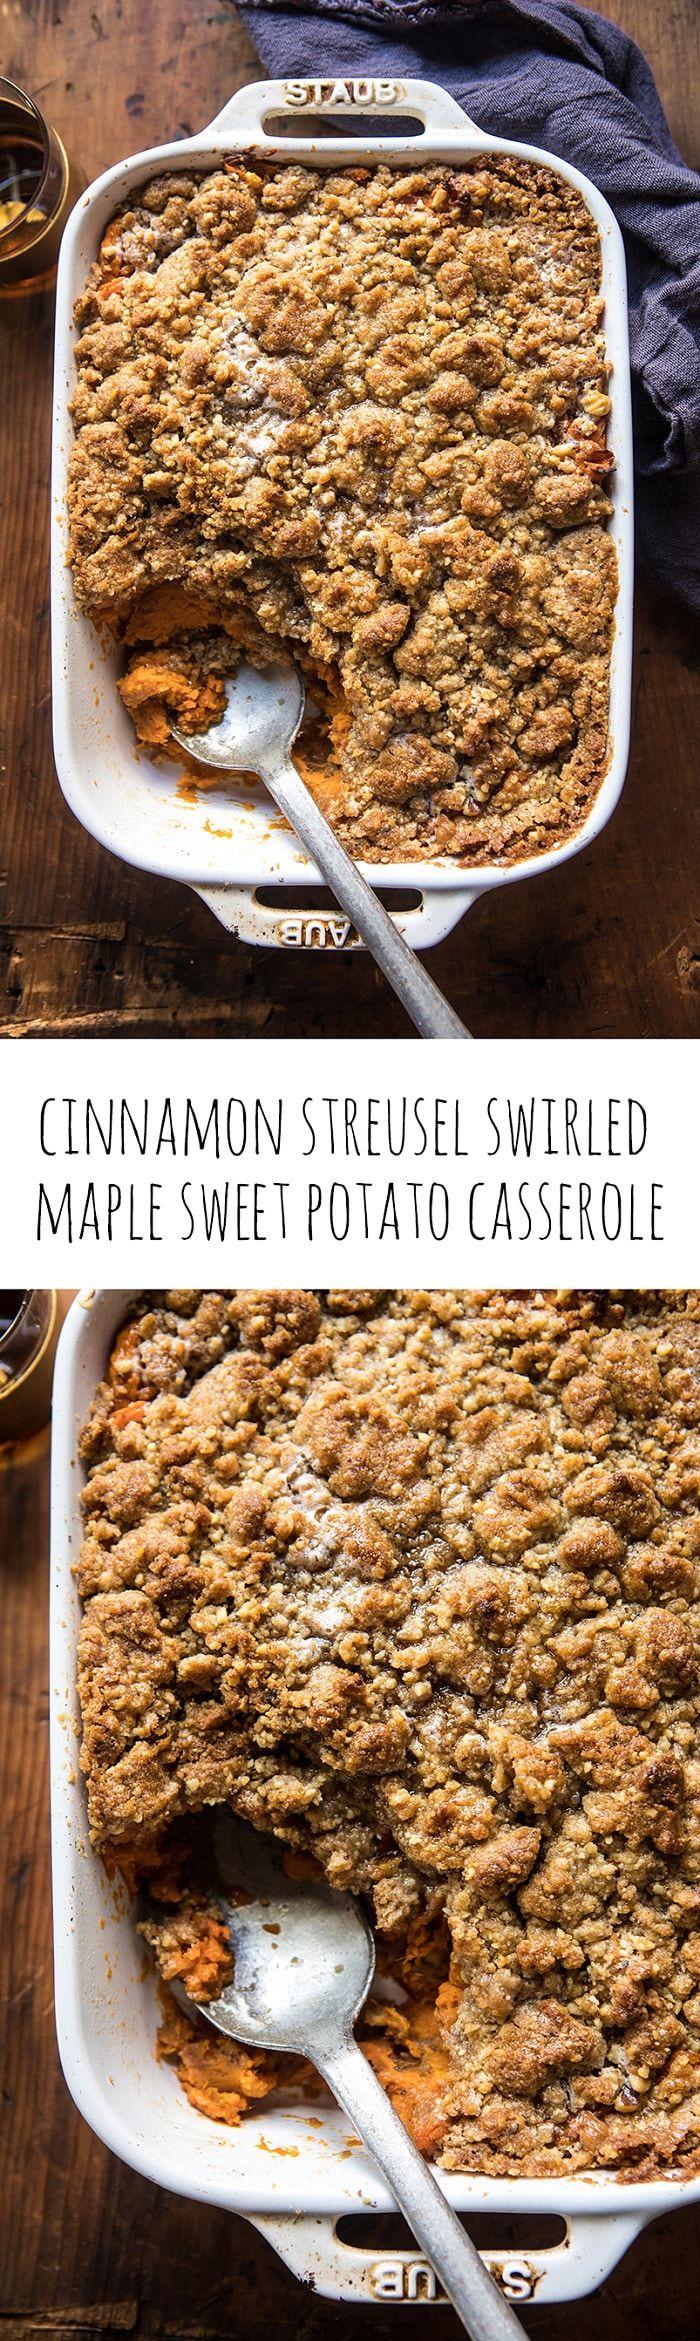 Cinnamon Streusel Swirled Maple Sweet Potato Casserole | halfbakedharvest.com @hbharvest